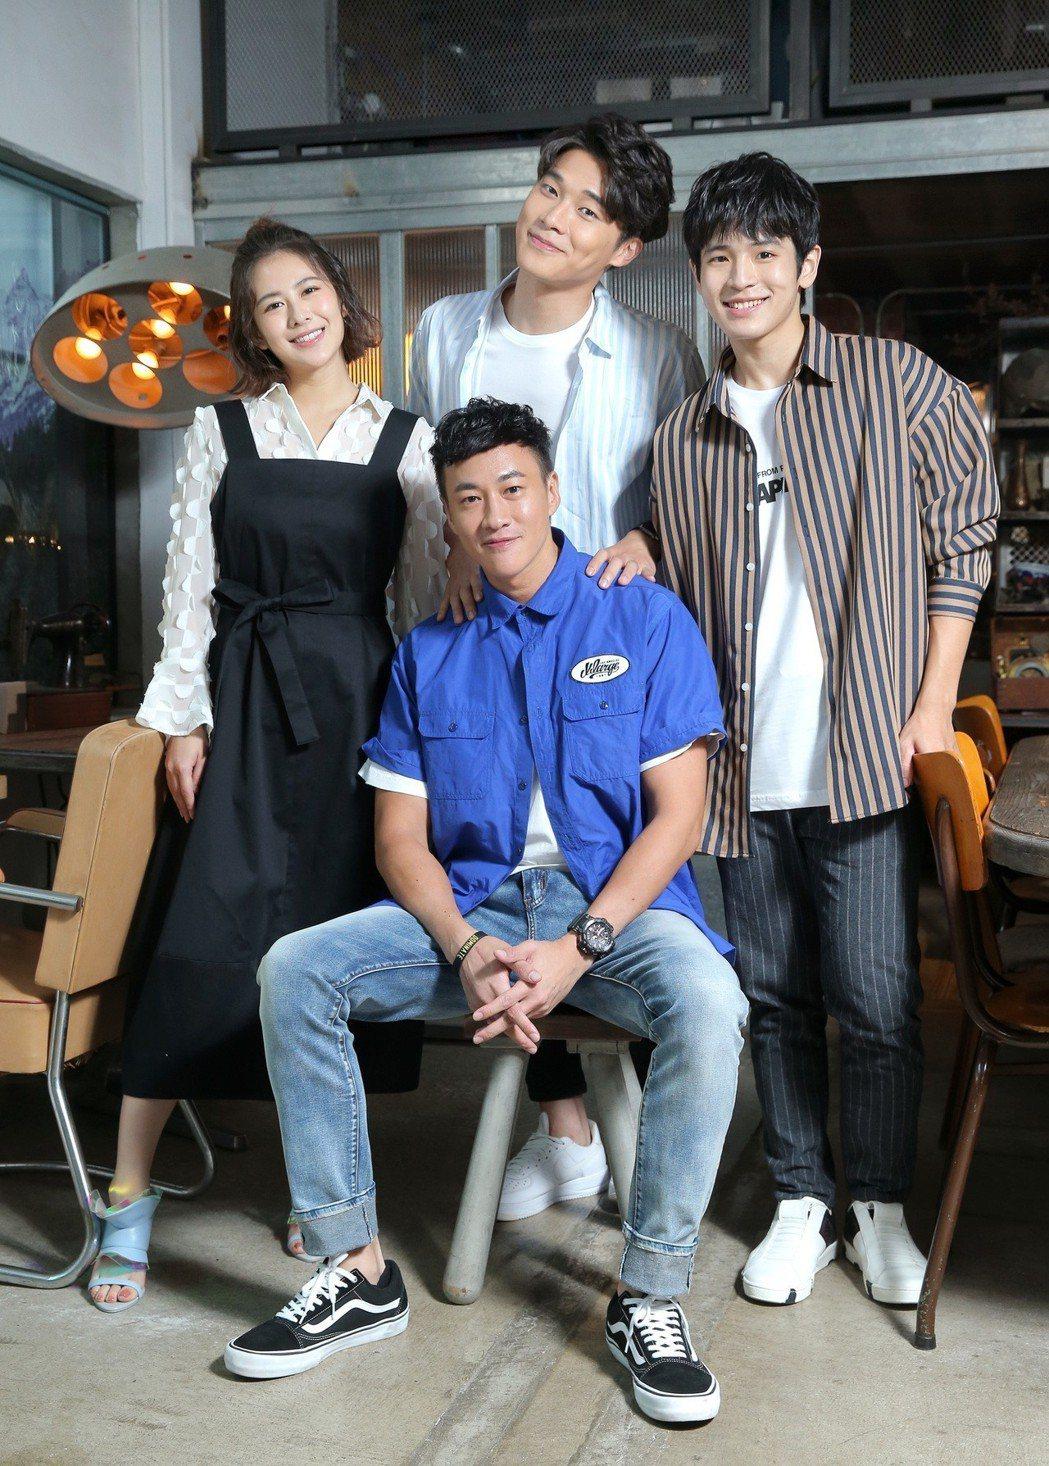 何潤東(前)首當導演就有好成績,帶領張豐豪(右起)、宋緯恩、姚亦晴角逐金鐘。記者